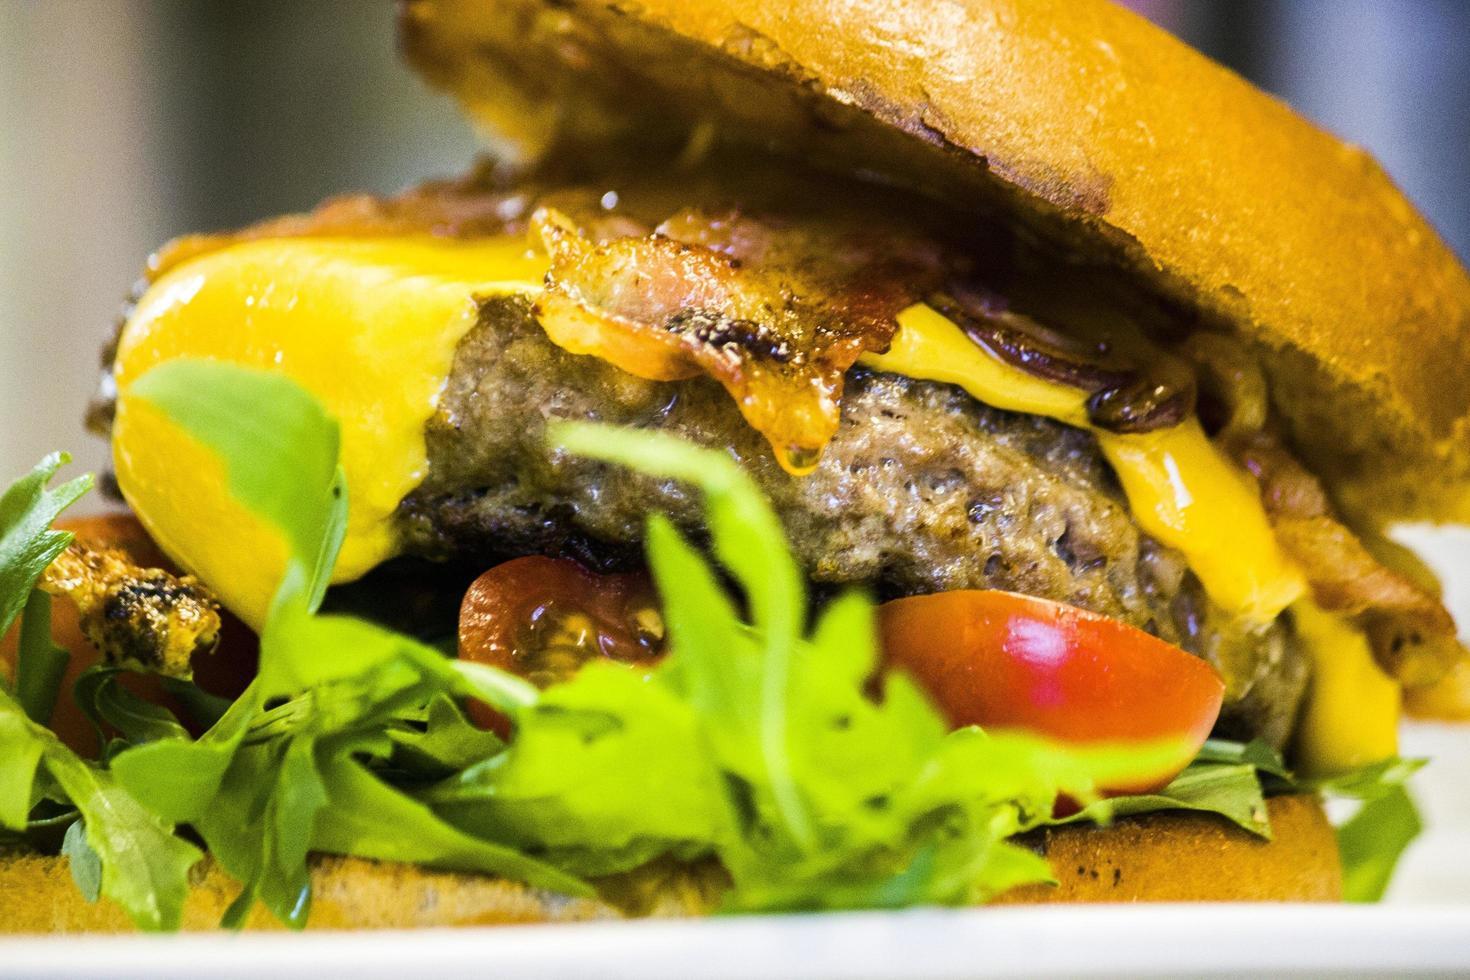 primo piano di un cheeseburger foto